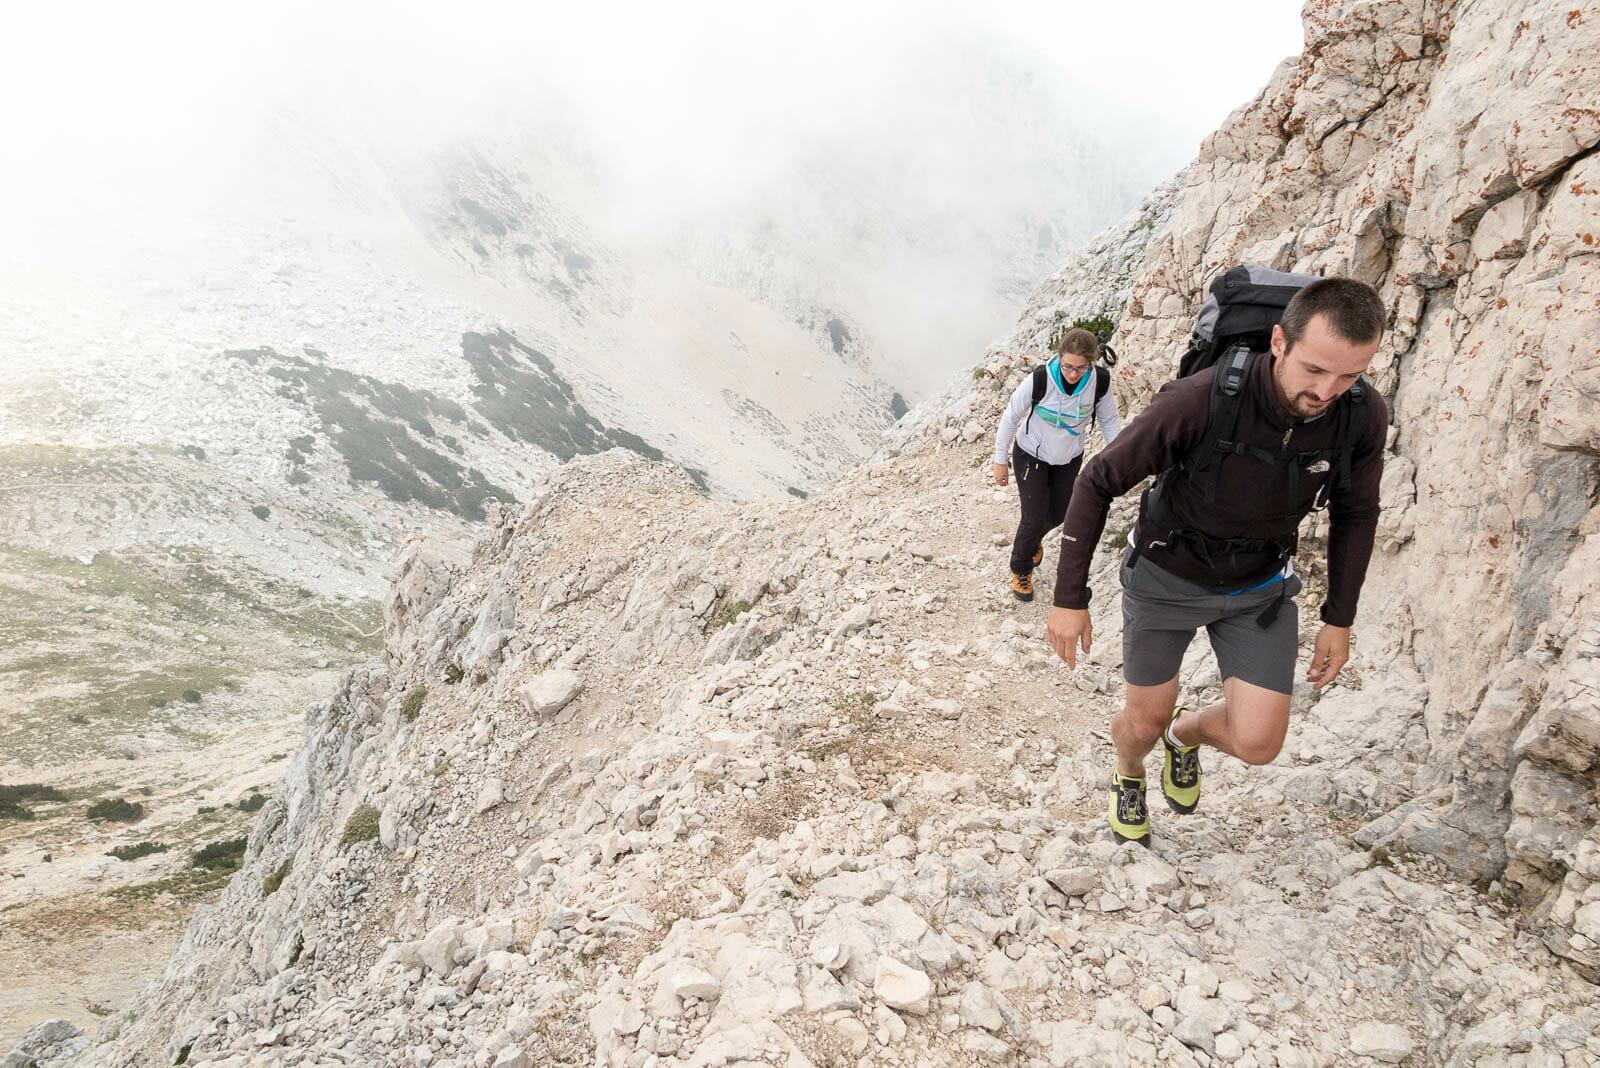 ascent to valdritta peak